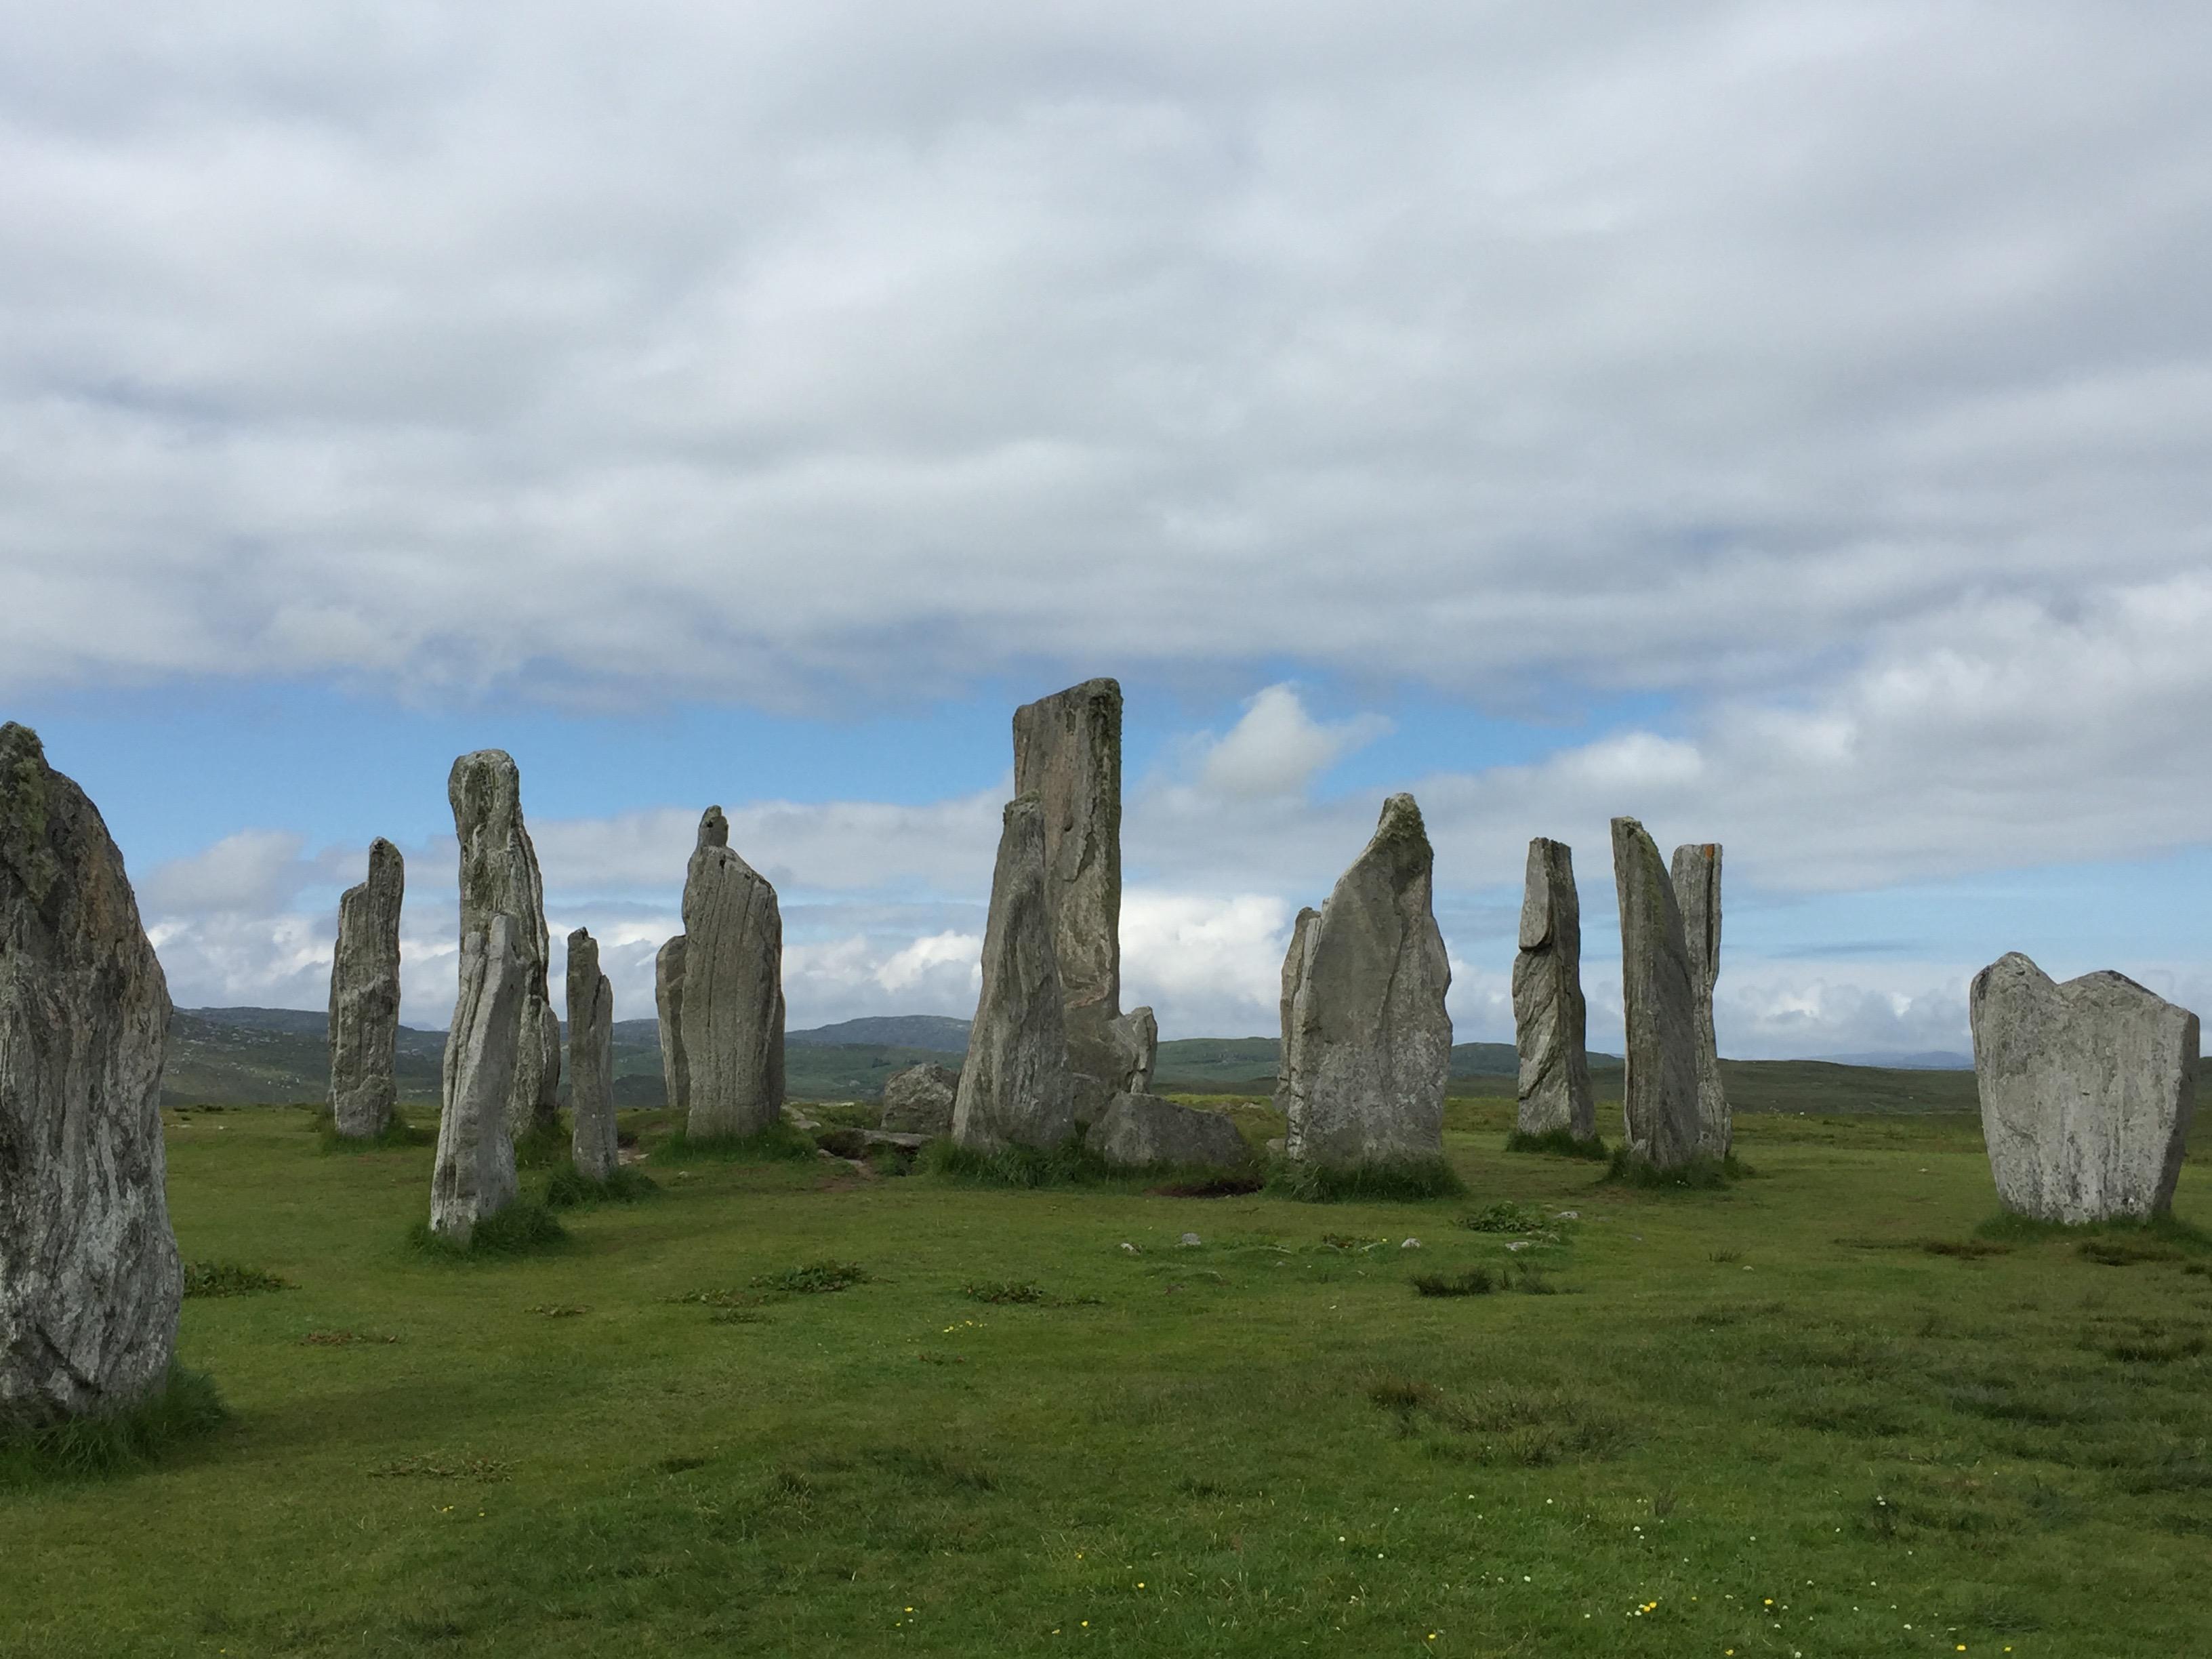 工作人员,苏格兰,自驾游,刘易斯,大自然 史前文化众遗址,石阵石冢石围楼--《再济沧海》(57)